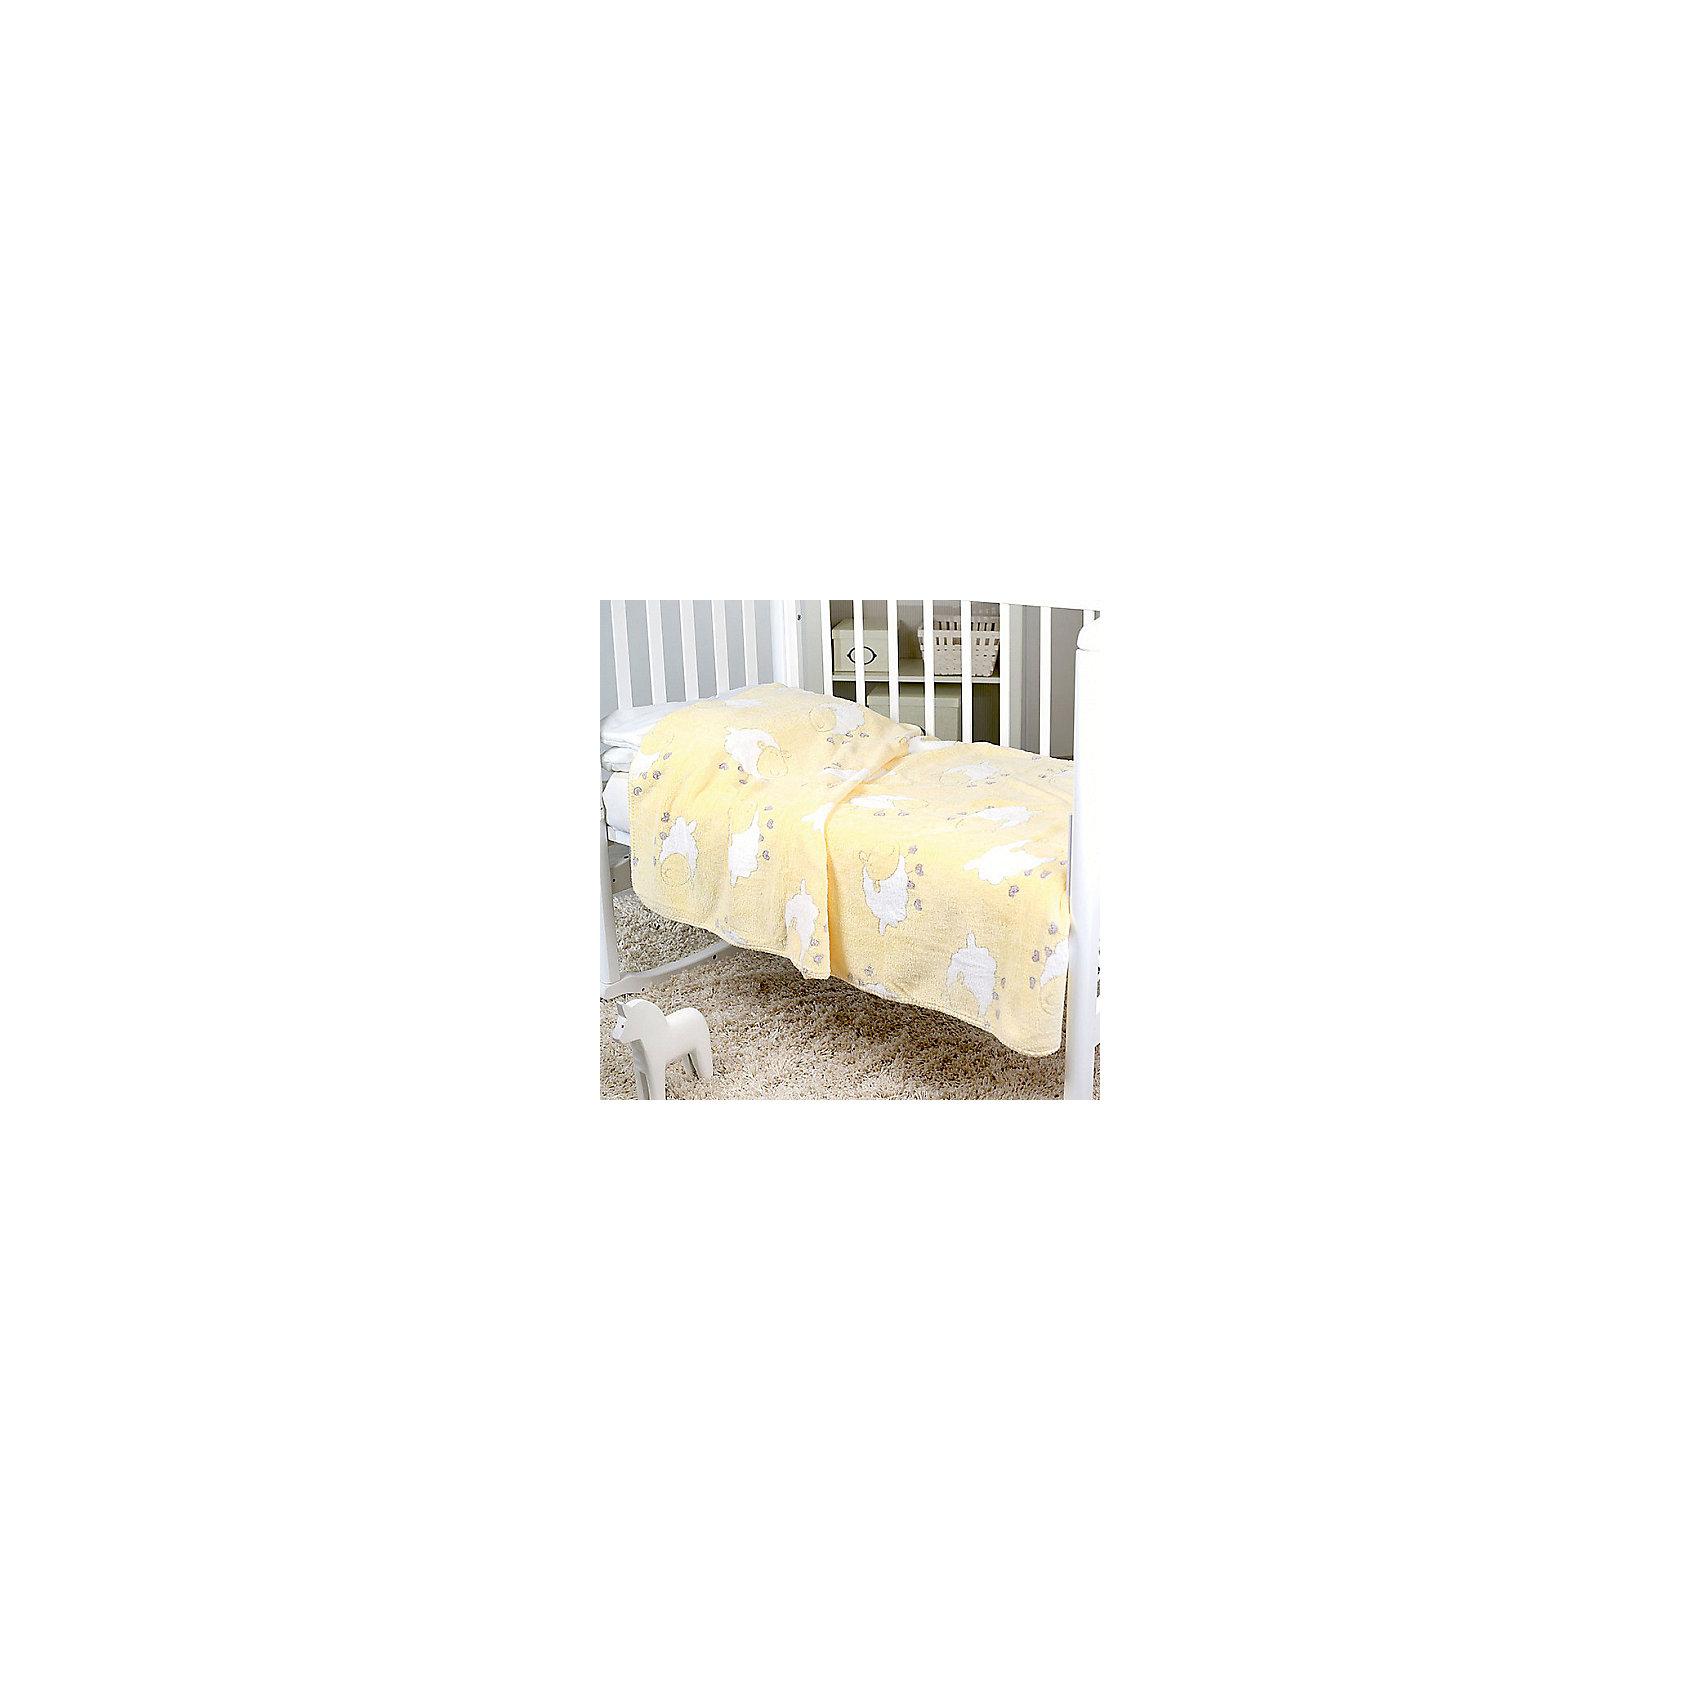 Плед-покрывало Барашки Velsoft, 100% мк-р 150х200 2-сторон., Baby Nice,  желтыйОдеяла, пледы<br>Постельные принадлежности для детей должны быть качественными и безопасными. Этот плед-покрывало разработан специально для малышей, оно обеспечивает комфорт на всю ночь. Плед украшен симпатичным принтом.<br>Пледик сшит из мягкого легкого  материала - велсофта, приятного на ощупь. Он не вызывает аллергии, что особенно важно для малышей. Покрывало обеспечит хорошую терморегуляцию, а значит - крепкий сон. Плед сделан из высококачественных материалов, безопасных для ребенка.<br><br>Дополнительная информация:<br><br>цвет: желтый;<br>материал: велсофт;<br>принт;<br>размер: 150 х 200 см;<br>обработка: оверлок;<br>двустороннее.<br><br>Плед-покрывало Барашки Velsoft, 100% мк-р 150х200 2-сторон., от компании Baby Nice можно купить в нашем магазине.<br><br>Ширина мм: 10<br>Глубина мм: 20<br>Высота мм: 10<br>Вес г: 500<br>Возраст от месяцев: 0<br>Возраст до месяцев: 36<br>Пол: Унисекс<br>Возраст: Детский<br>SKU: 4941806